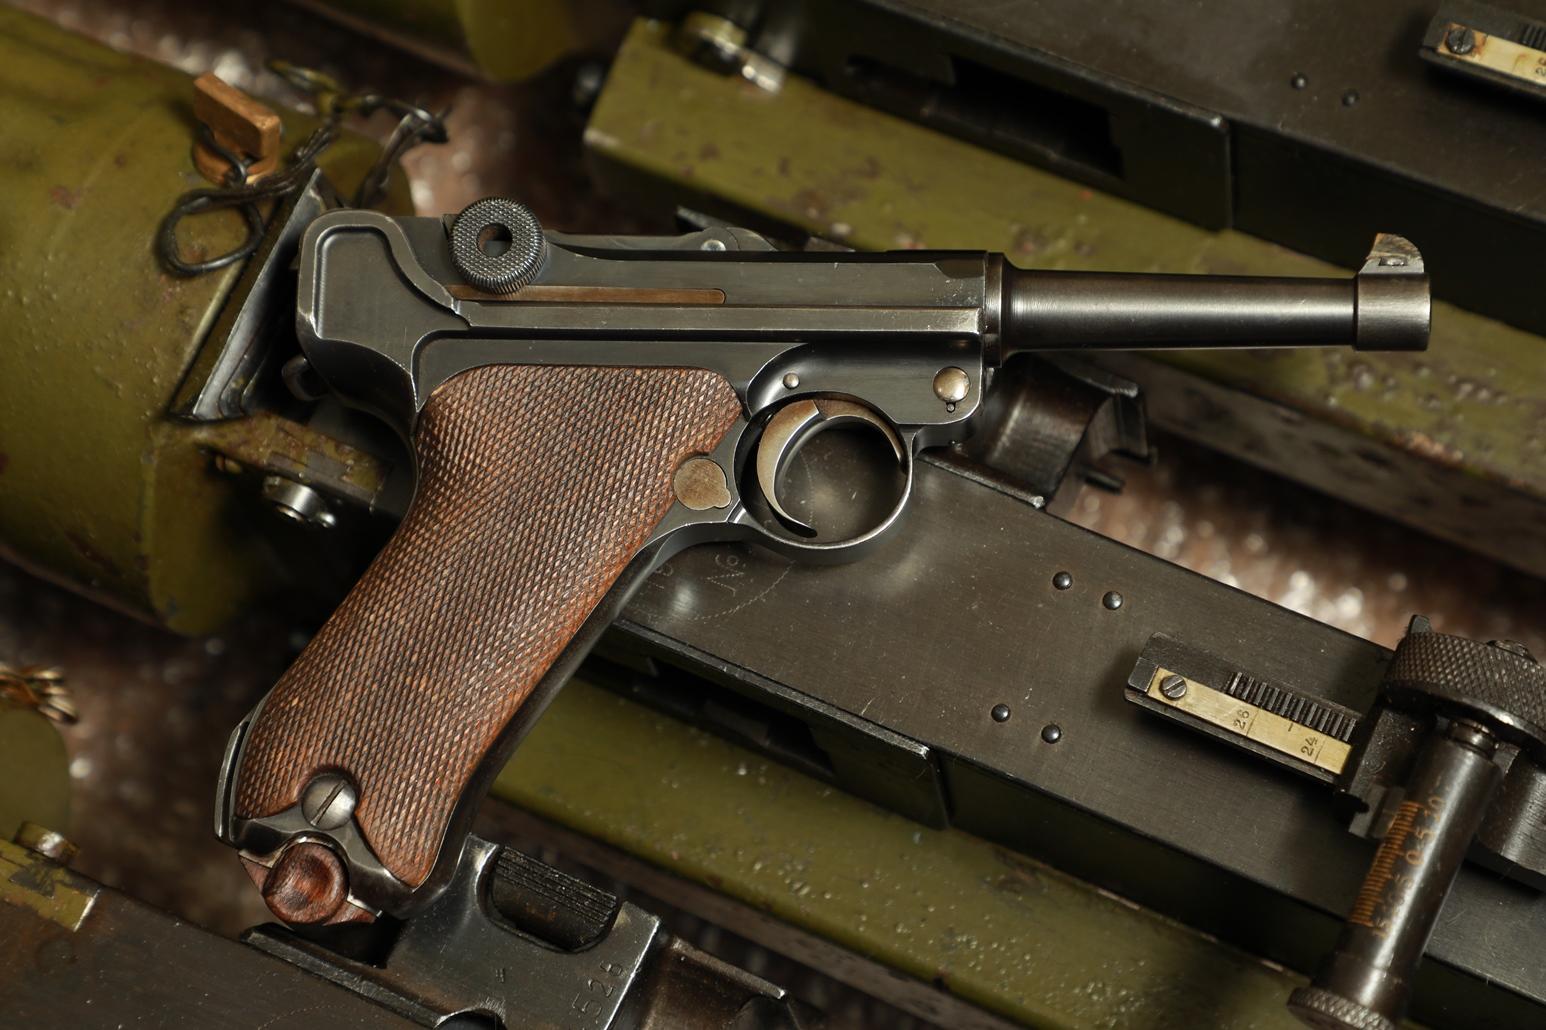 Пистолет Luger P08 Люгер Парабеллум P-08 #8825, коммерческая модель